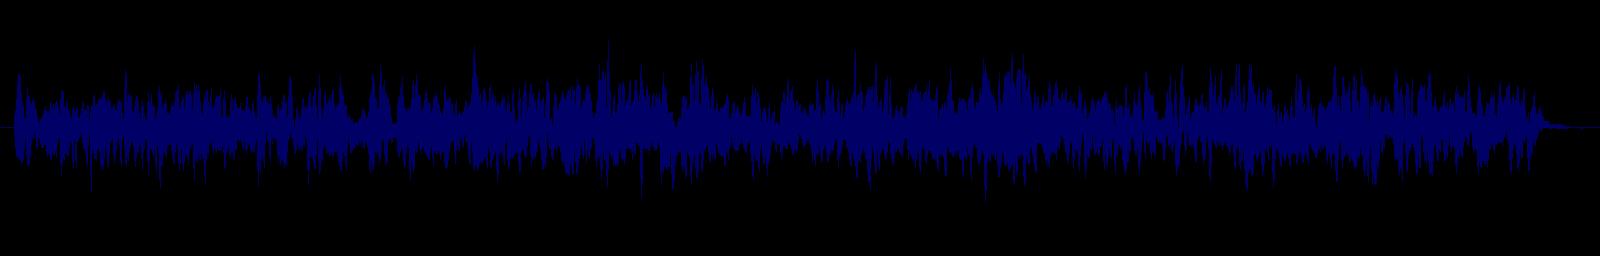 waveform of track #123321